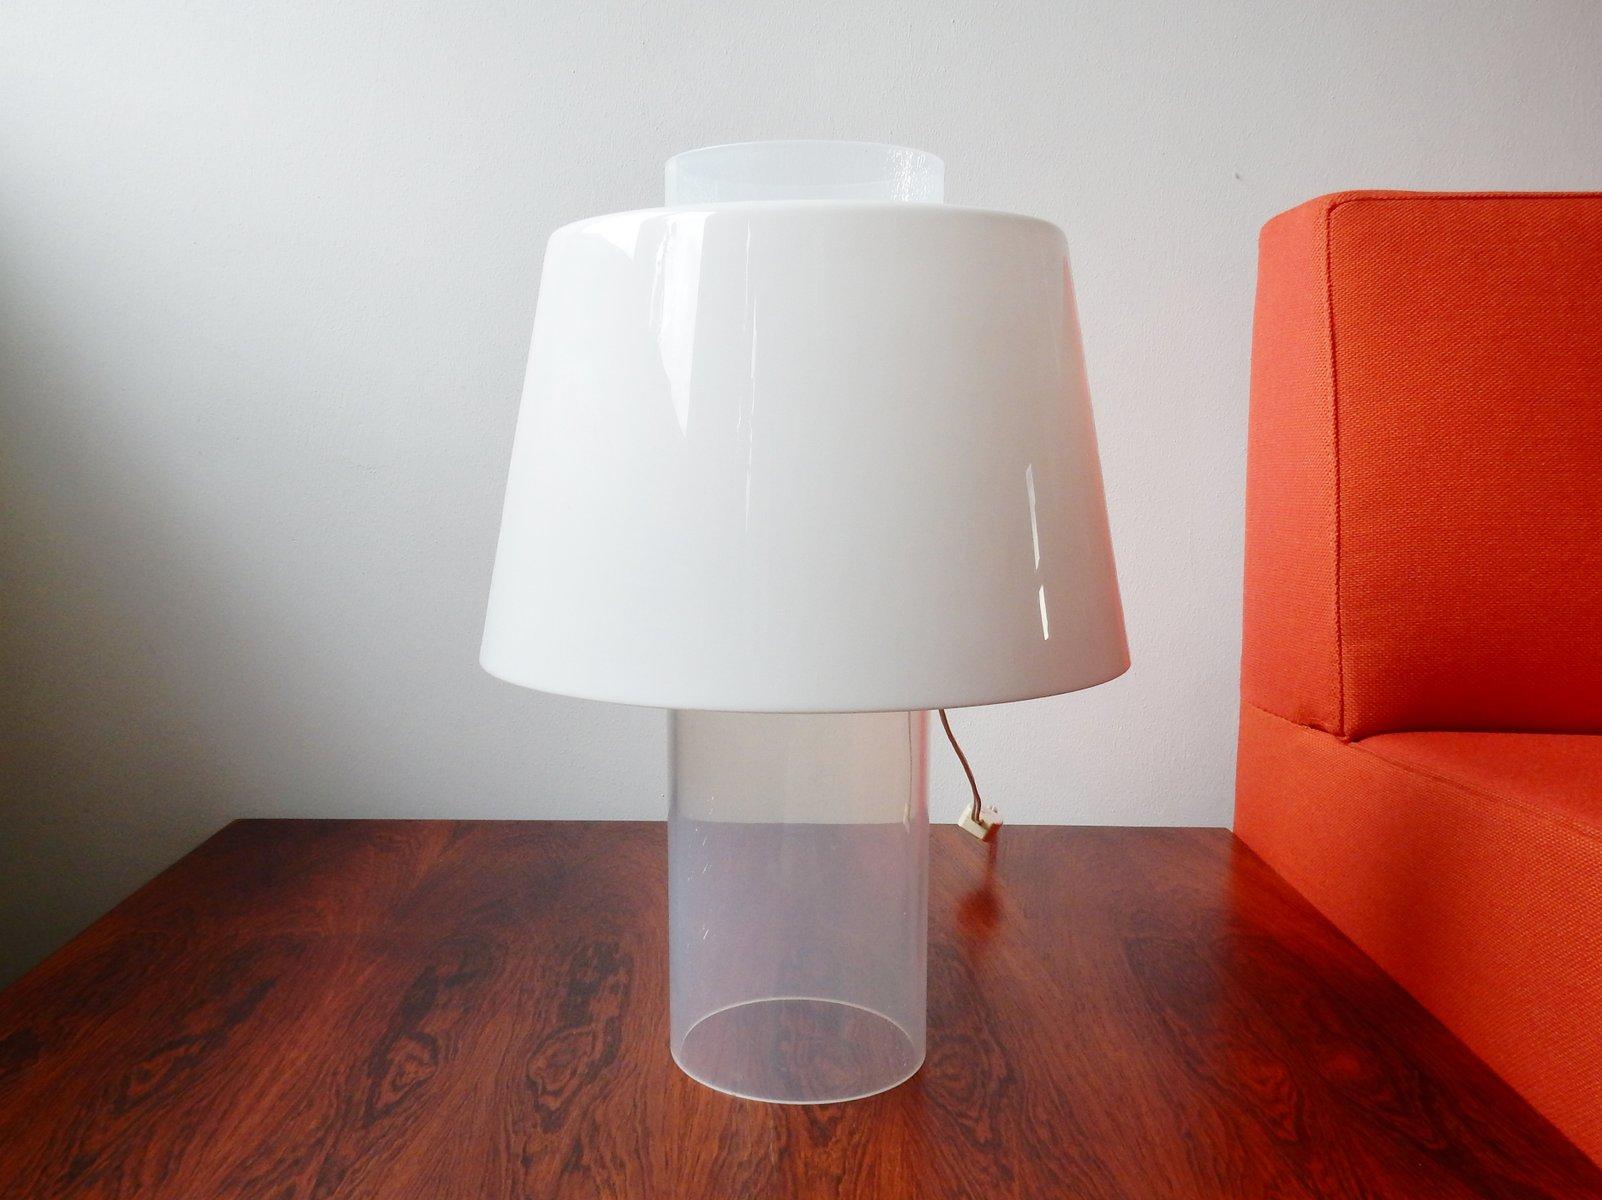 Mid century modern art table lamp by yki nummi for sanka for sale at mid century modern art table lamp by yki nummi for sanka aloadofball Choice Image